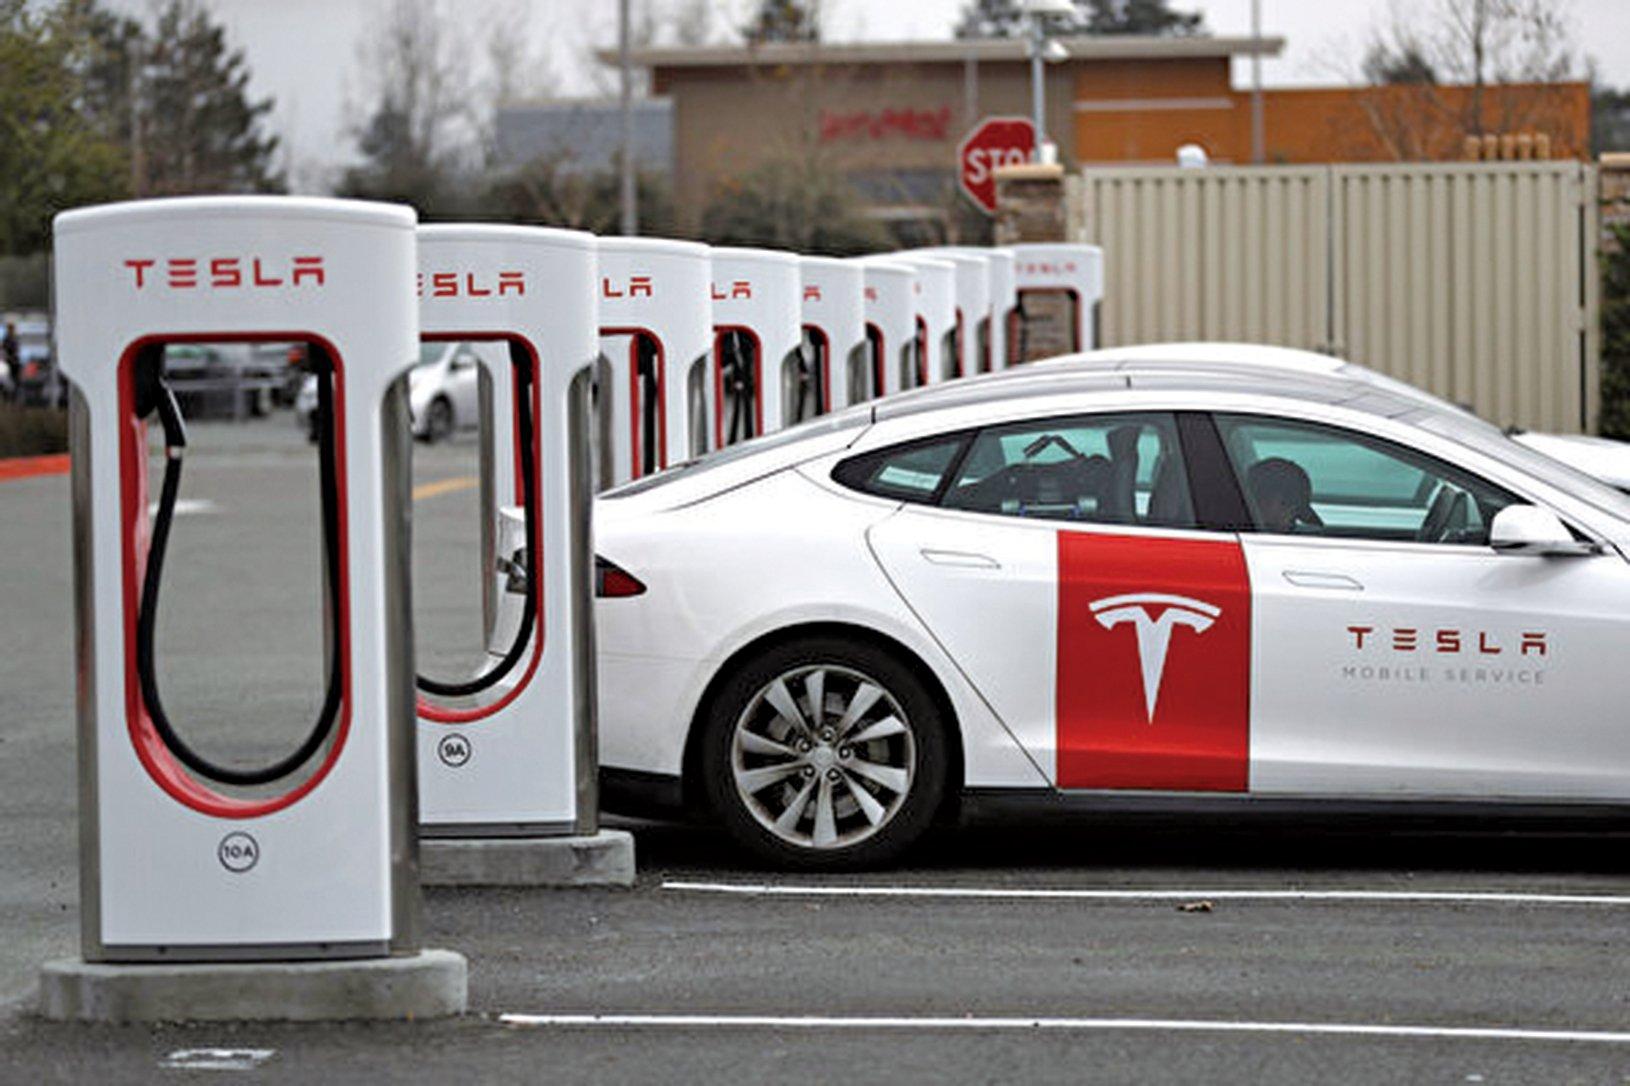 「特斯拉」一批電動車被扣在中國海關。圖為一輛特斯拉電動車正在加州一充電站充電。(Getty Images)